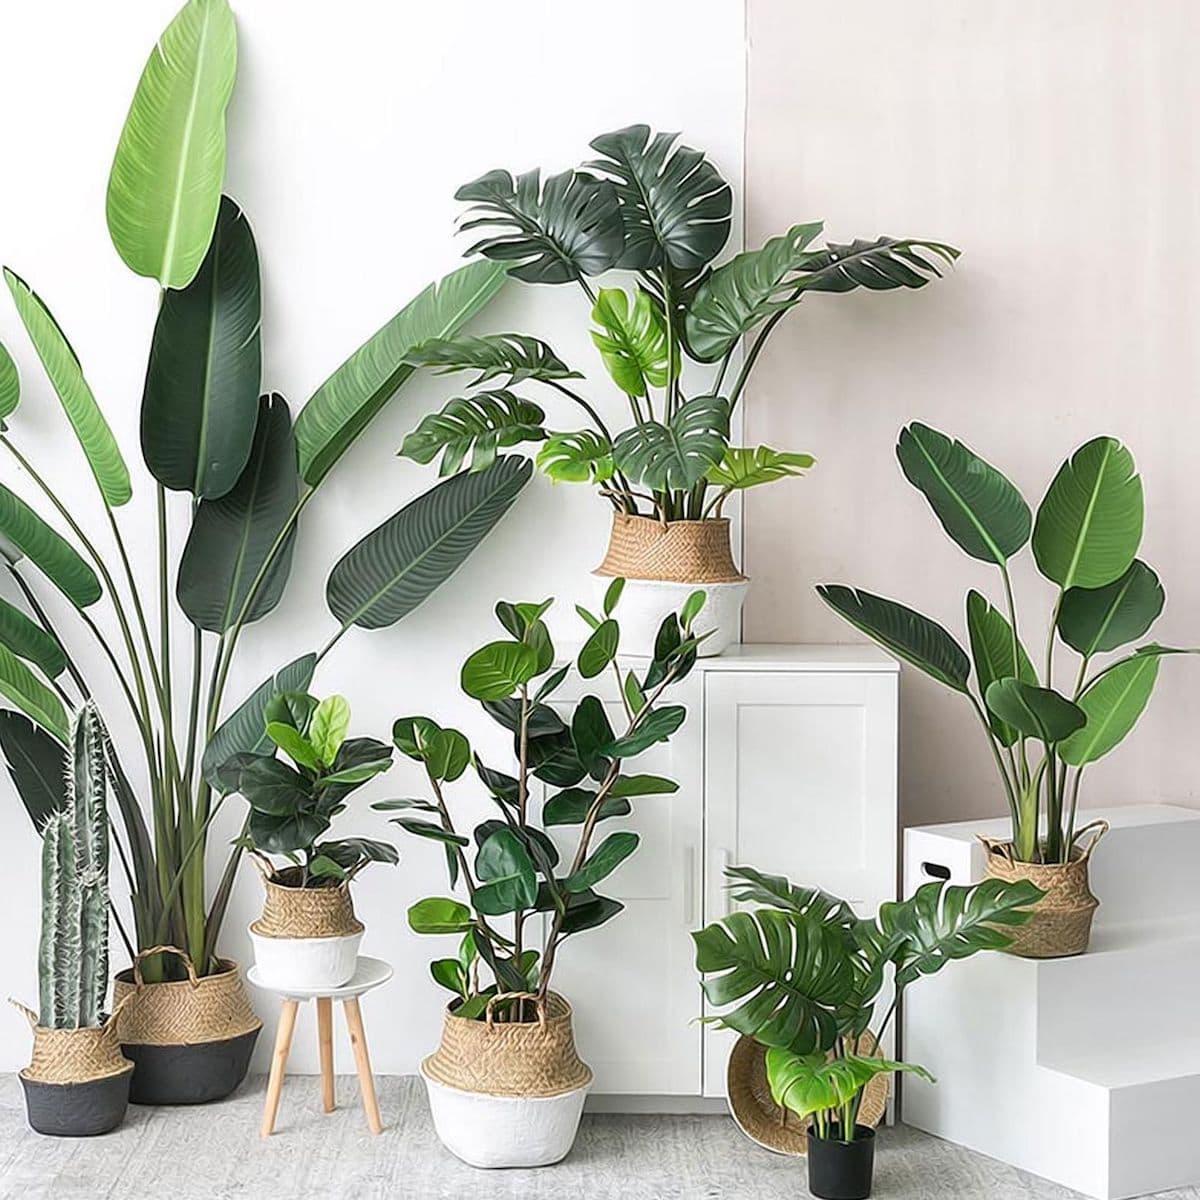 комнатные растения в интерьере фото 48